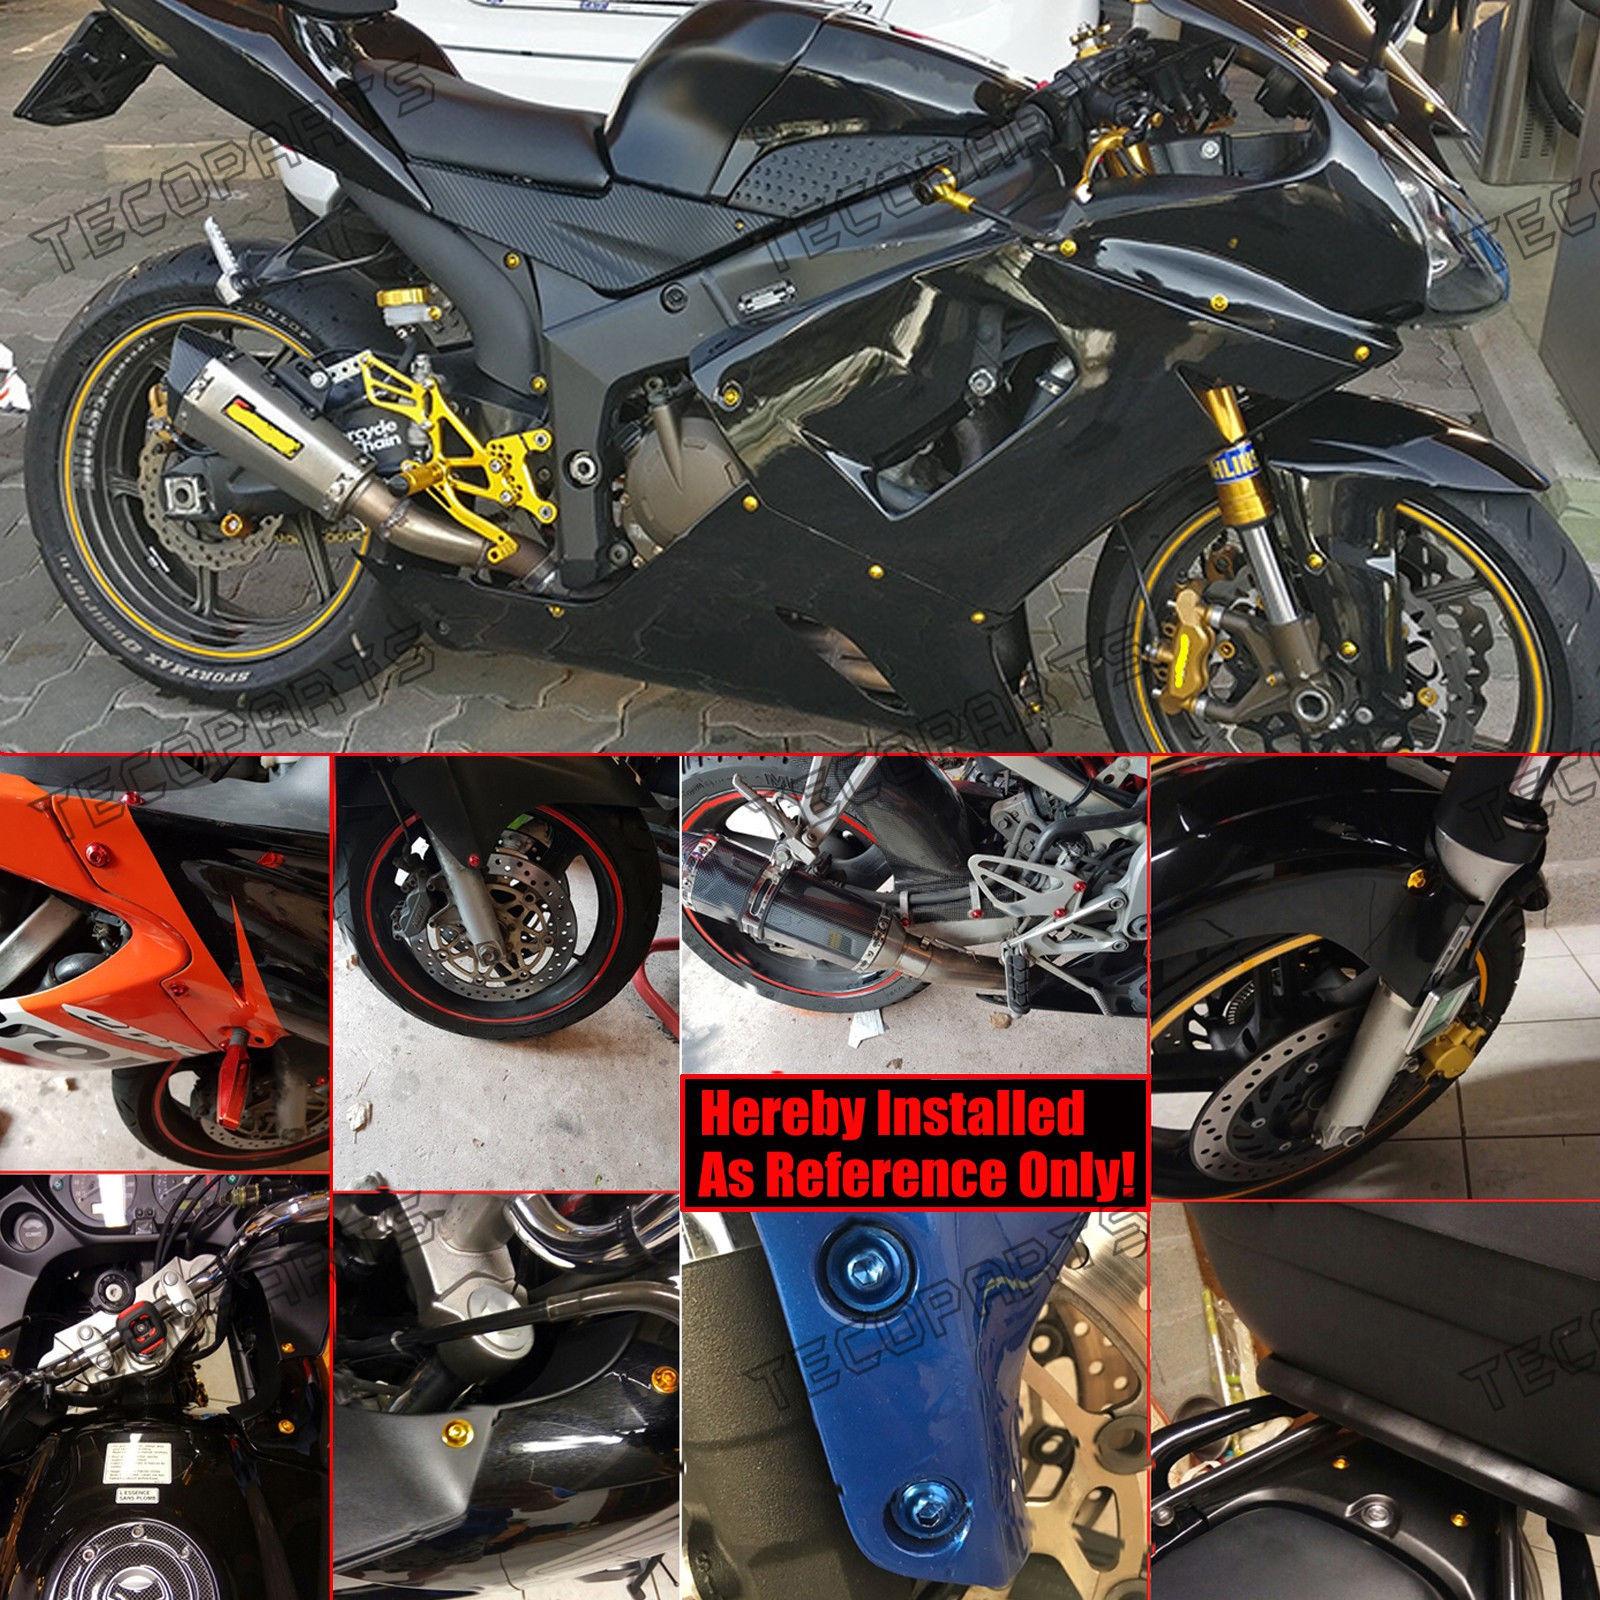 Blue Motorcycle Fairing Bolts Kit Screws Clips For Yamaha R1 R6 R6S FZ1 FZ6 FZ8